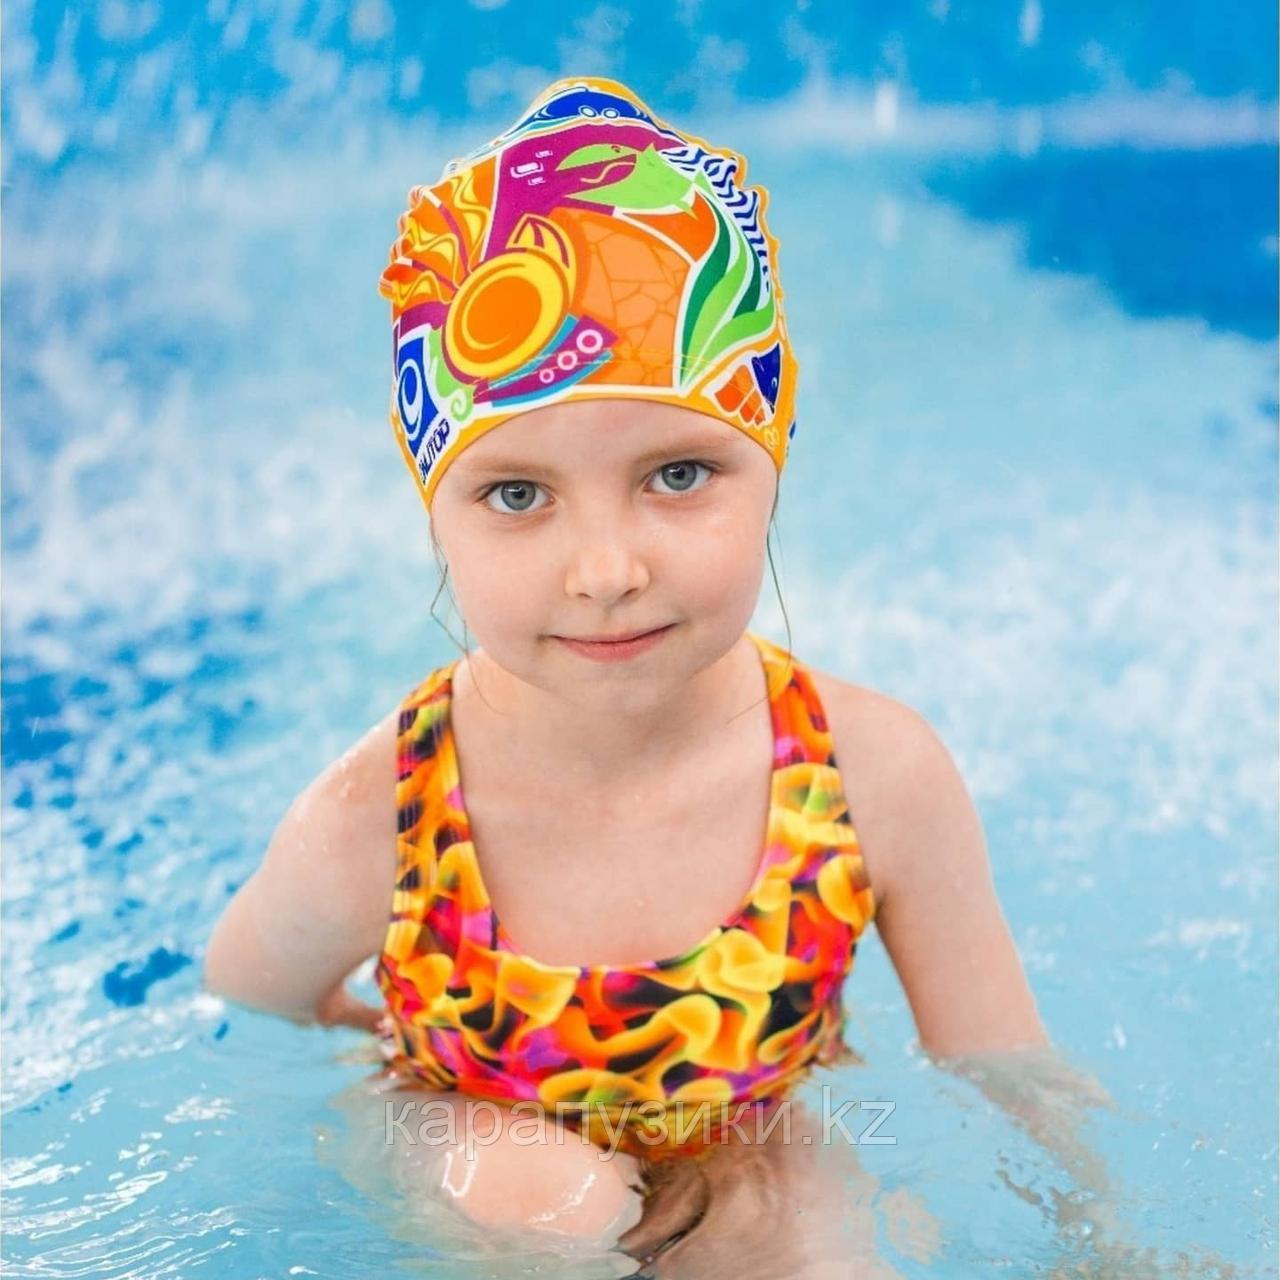 Шапка  для плавания детская  подводный мир